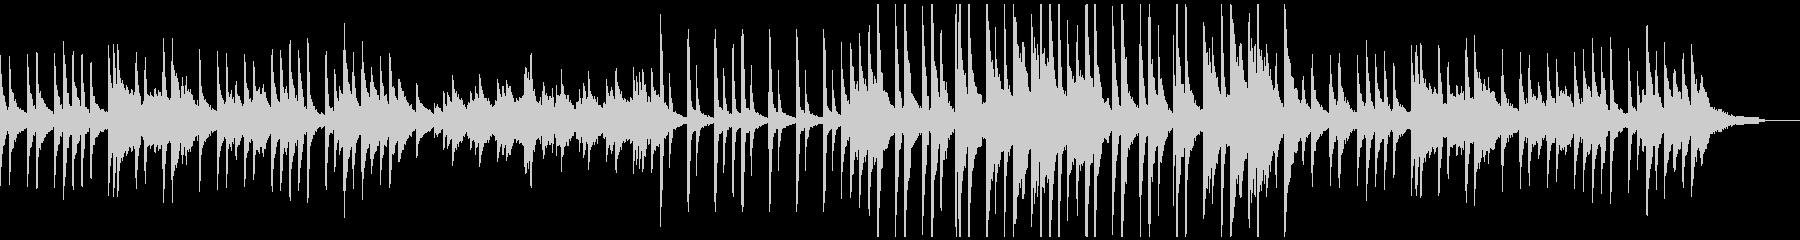 ノベルゲーみたいなノスタルジックなピアノの未再生の波形